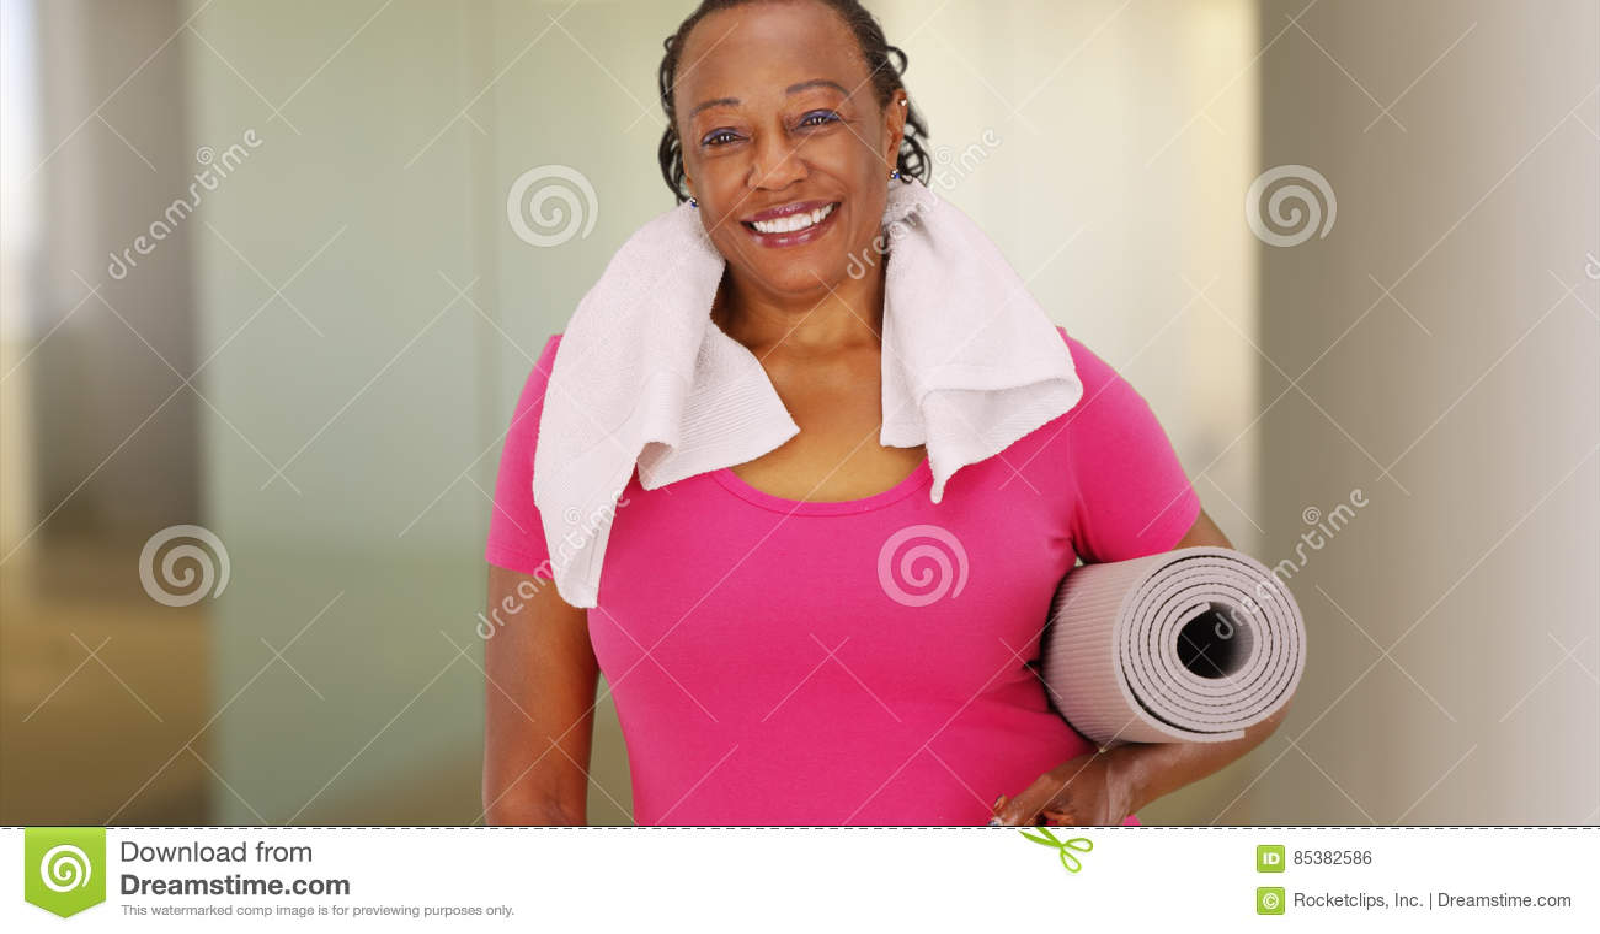 Μια ηλικιωμένη γυναίκα αφροαμερικάνων θέτει για ένα πορτρέτο μετά από το workout της